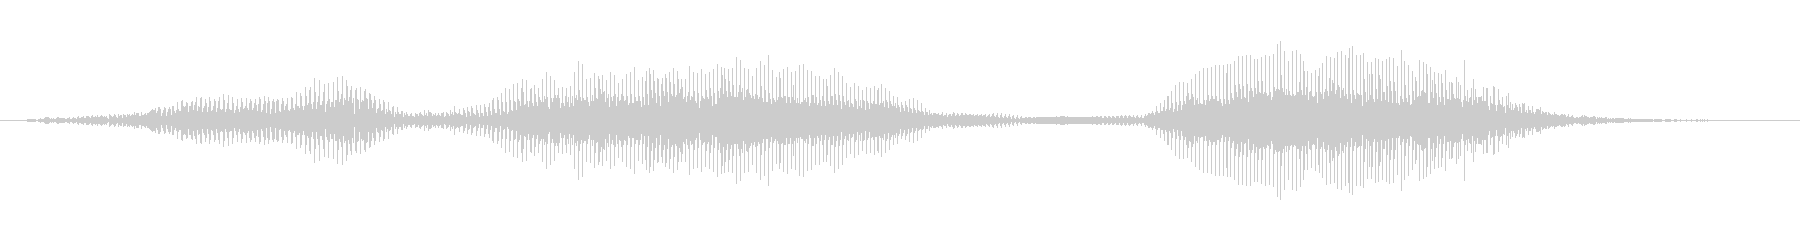 「ごめんね」の未再生の波形